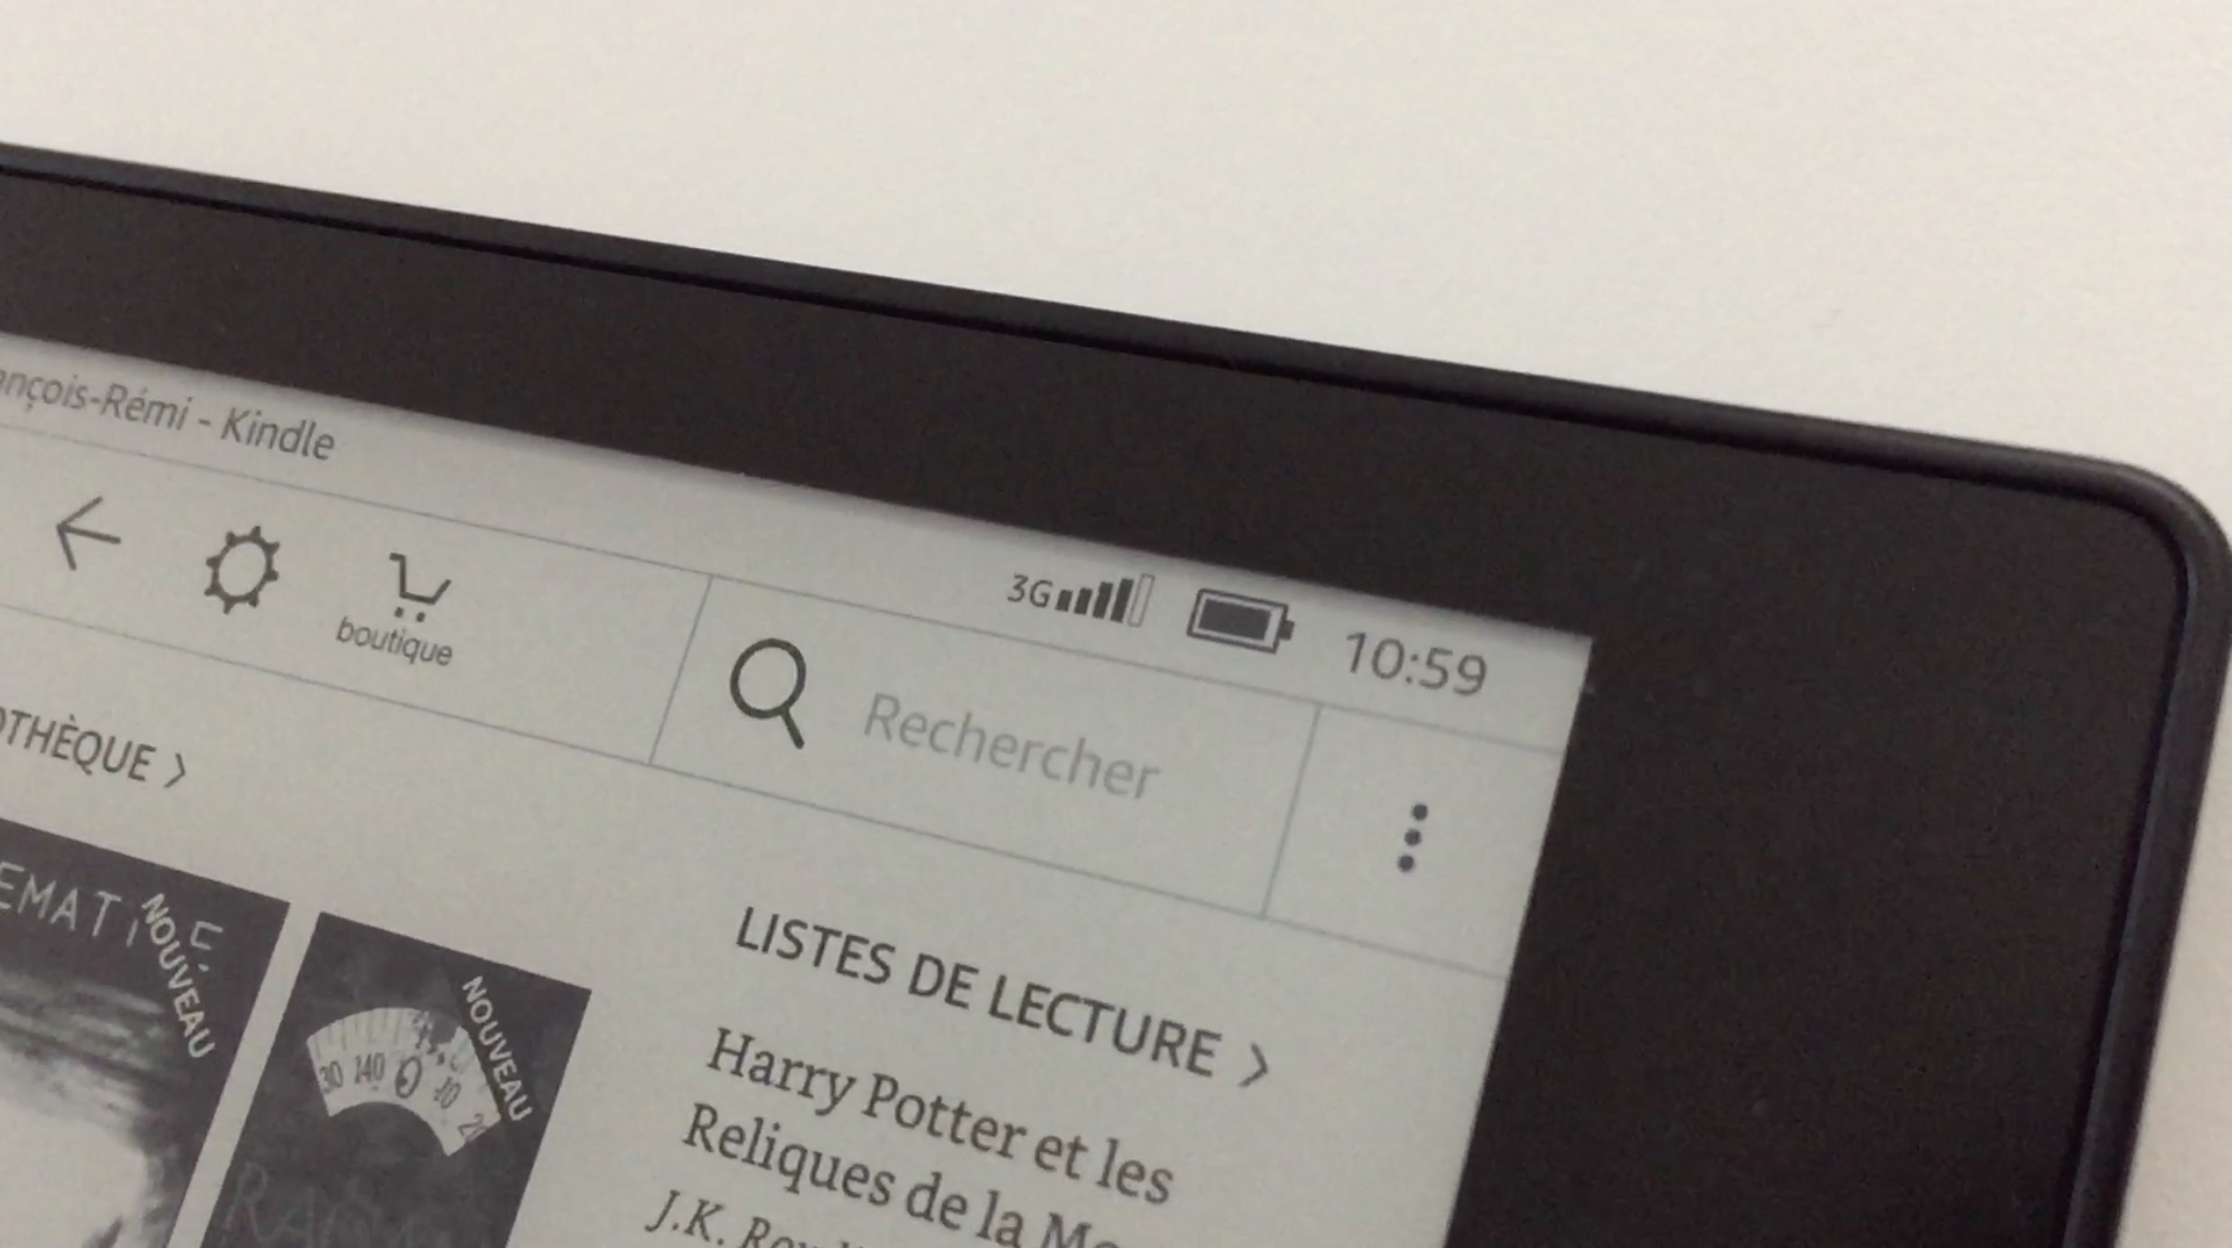 20170827 Test de la liseuse électronique Kindle OASIS Amazon 7